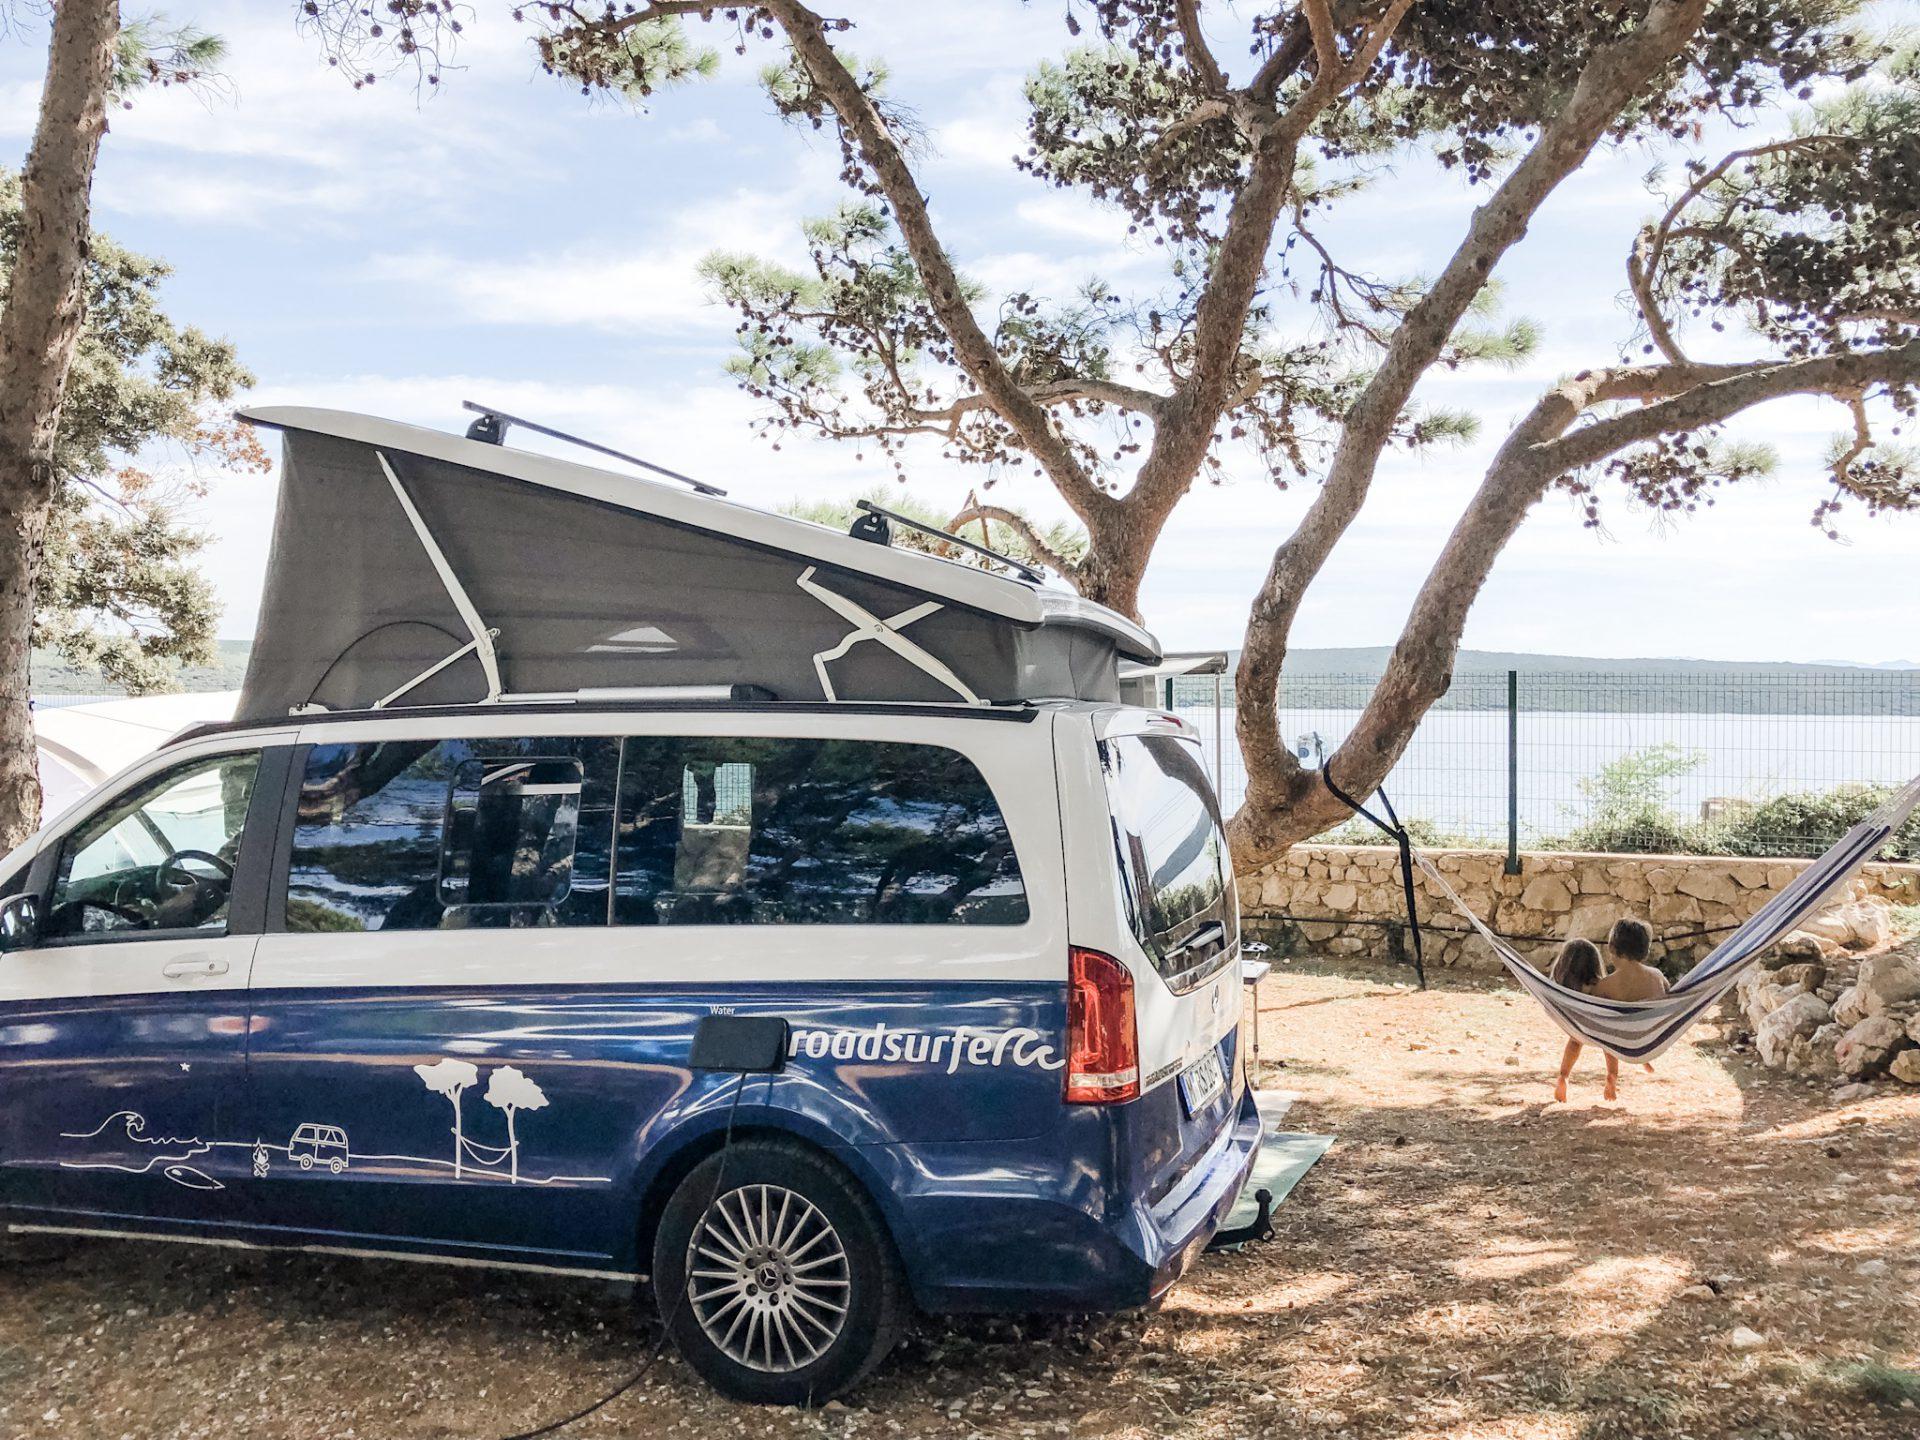 Kroatien Roadtrip - mit dem Camper durch den Balkan (Teil 2) - LIEBLINGSSPOT